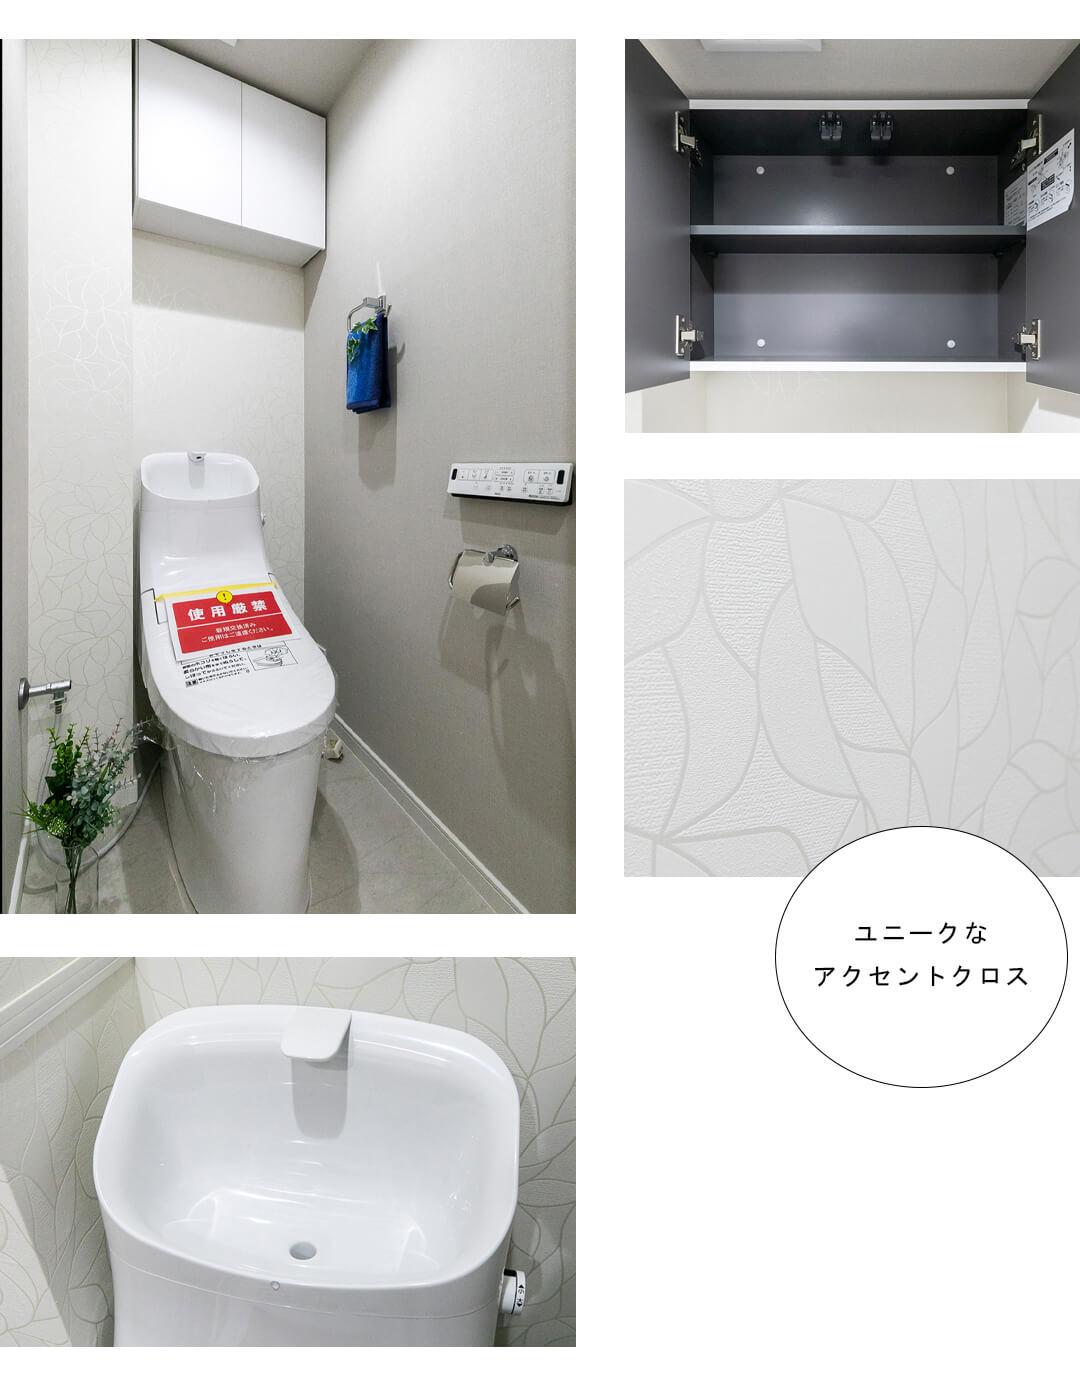 コープ野村日吉 103のトイレ